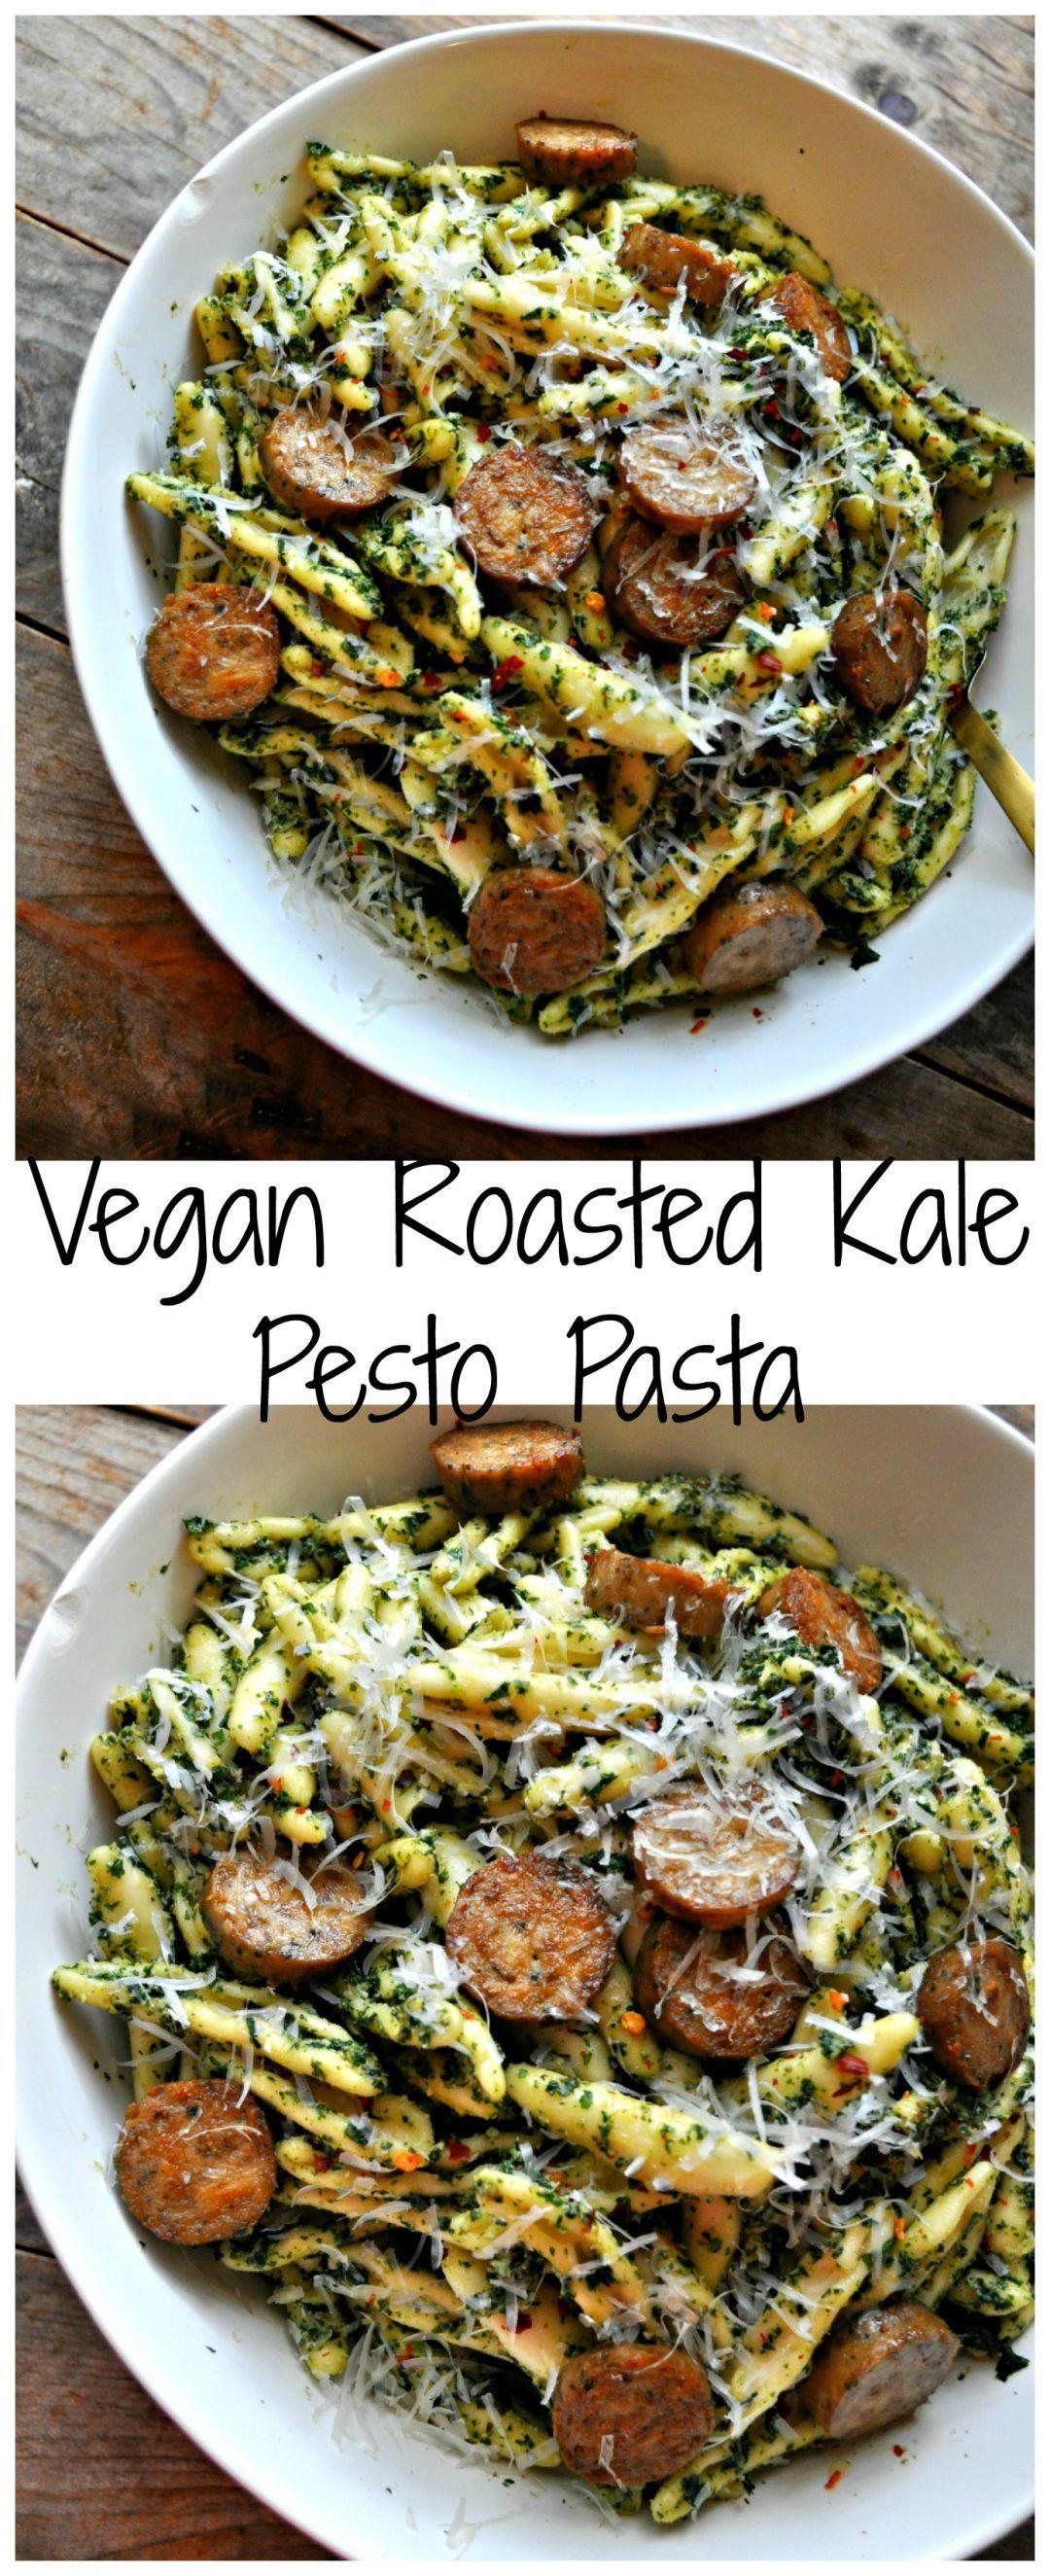 Vegan Roasted Kale Pesto Pasta